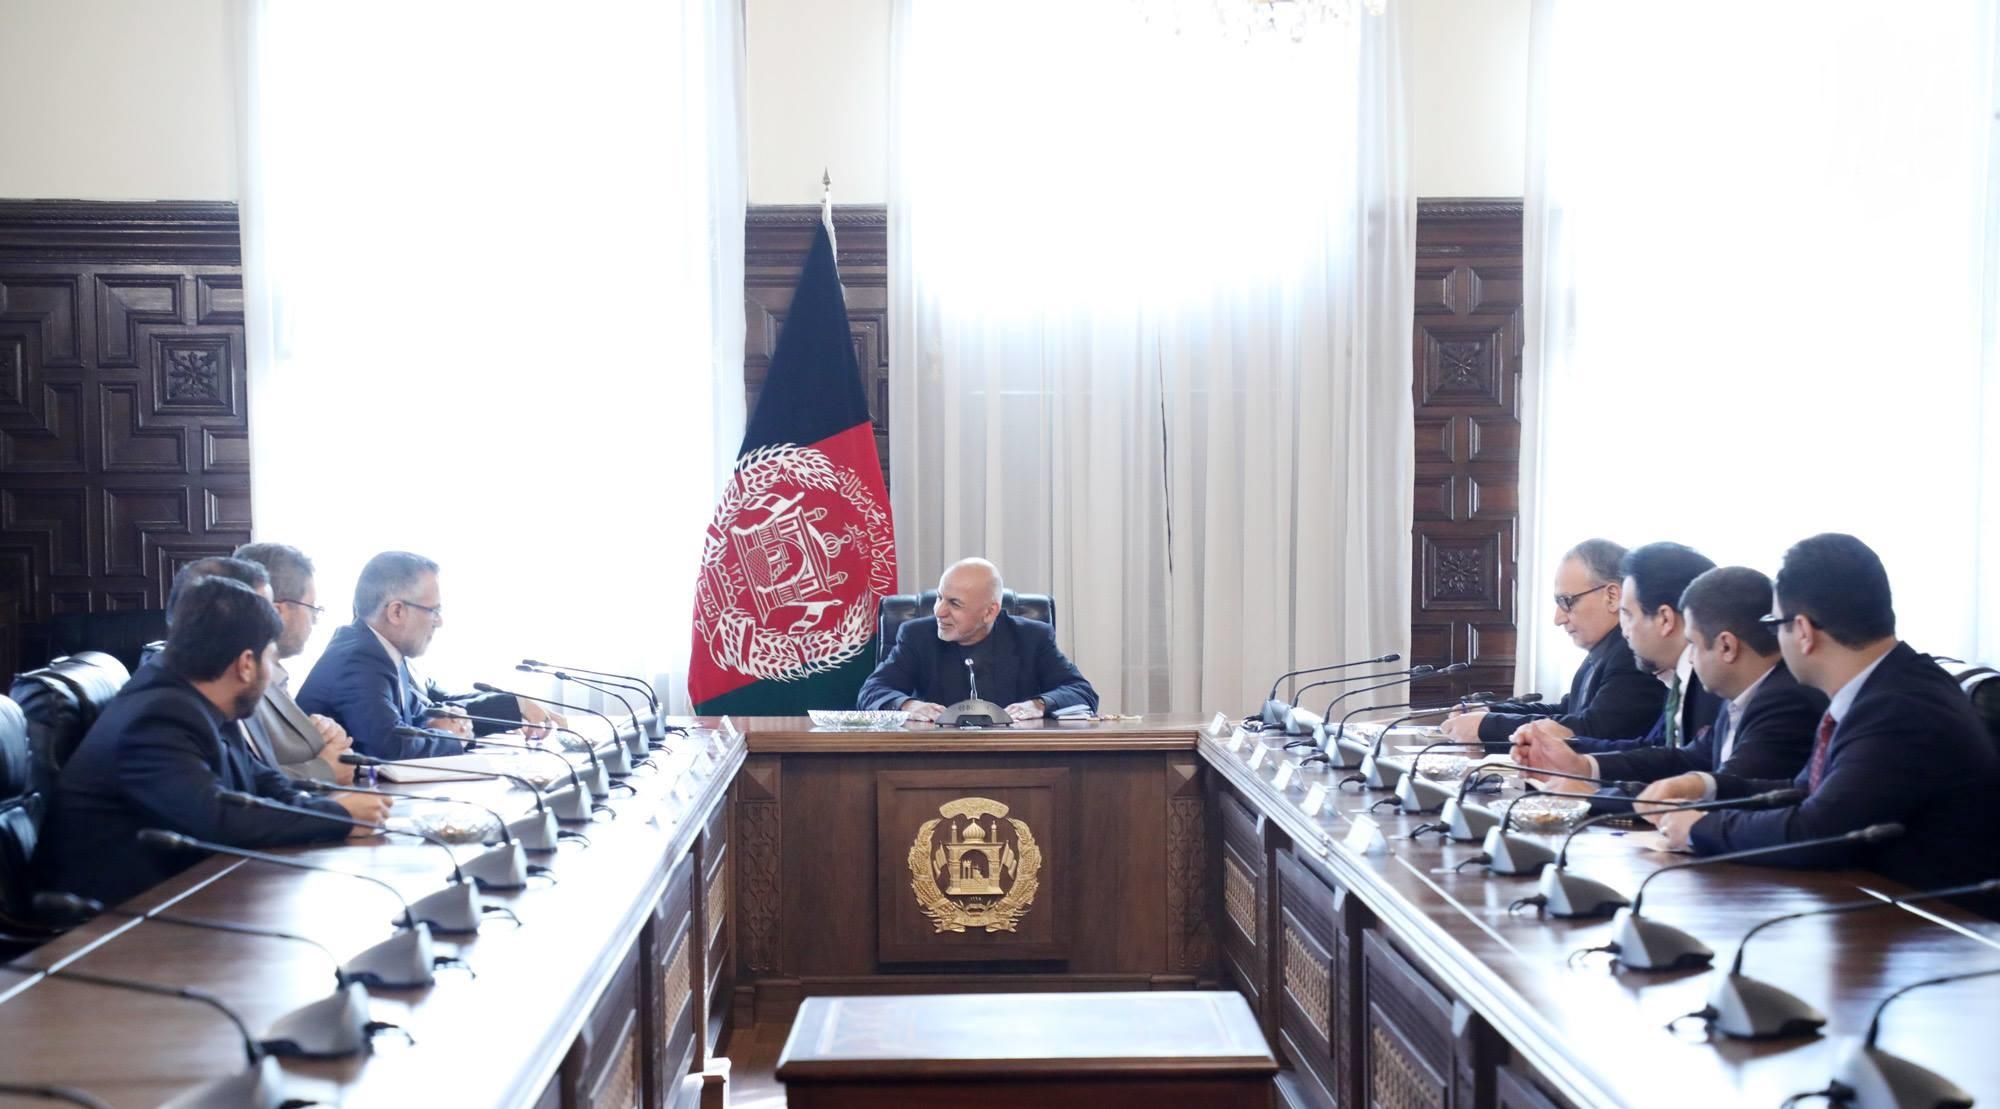 تاکید «عراقچی» بر اصل رهبری و مالکیت دولت افغانستان در پروسه صلح